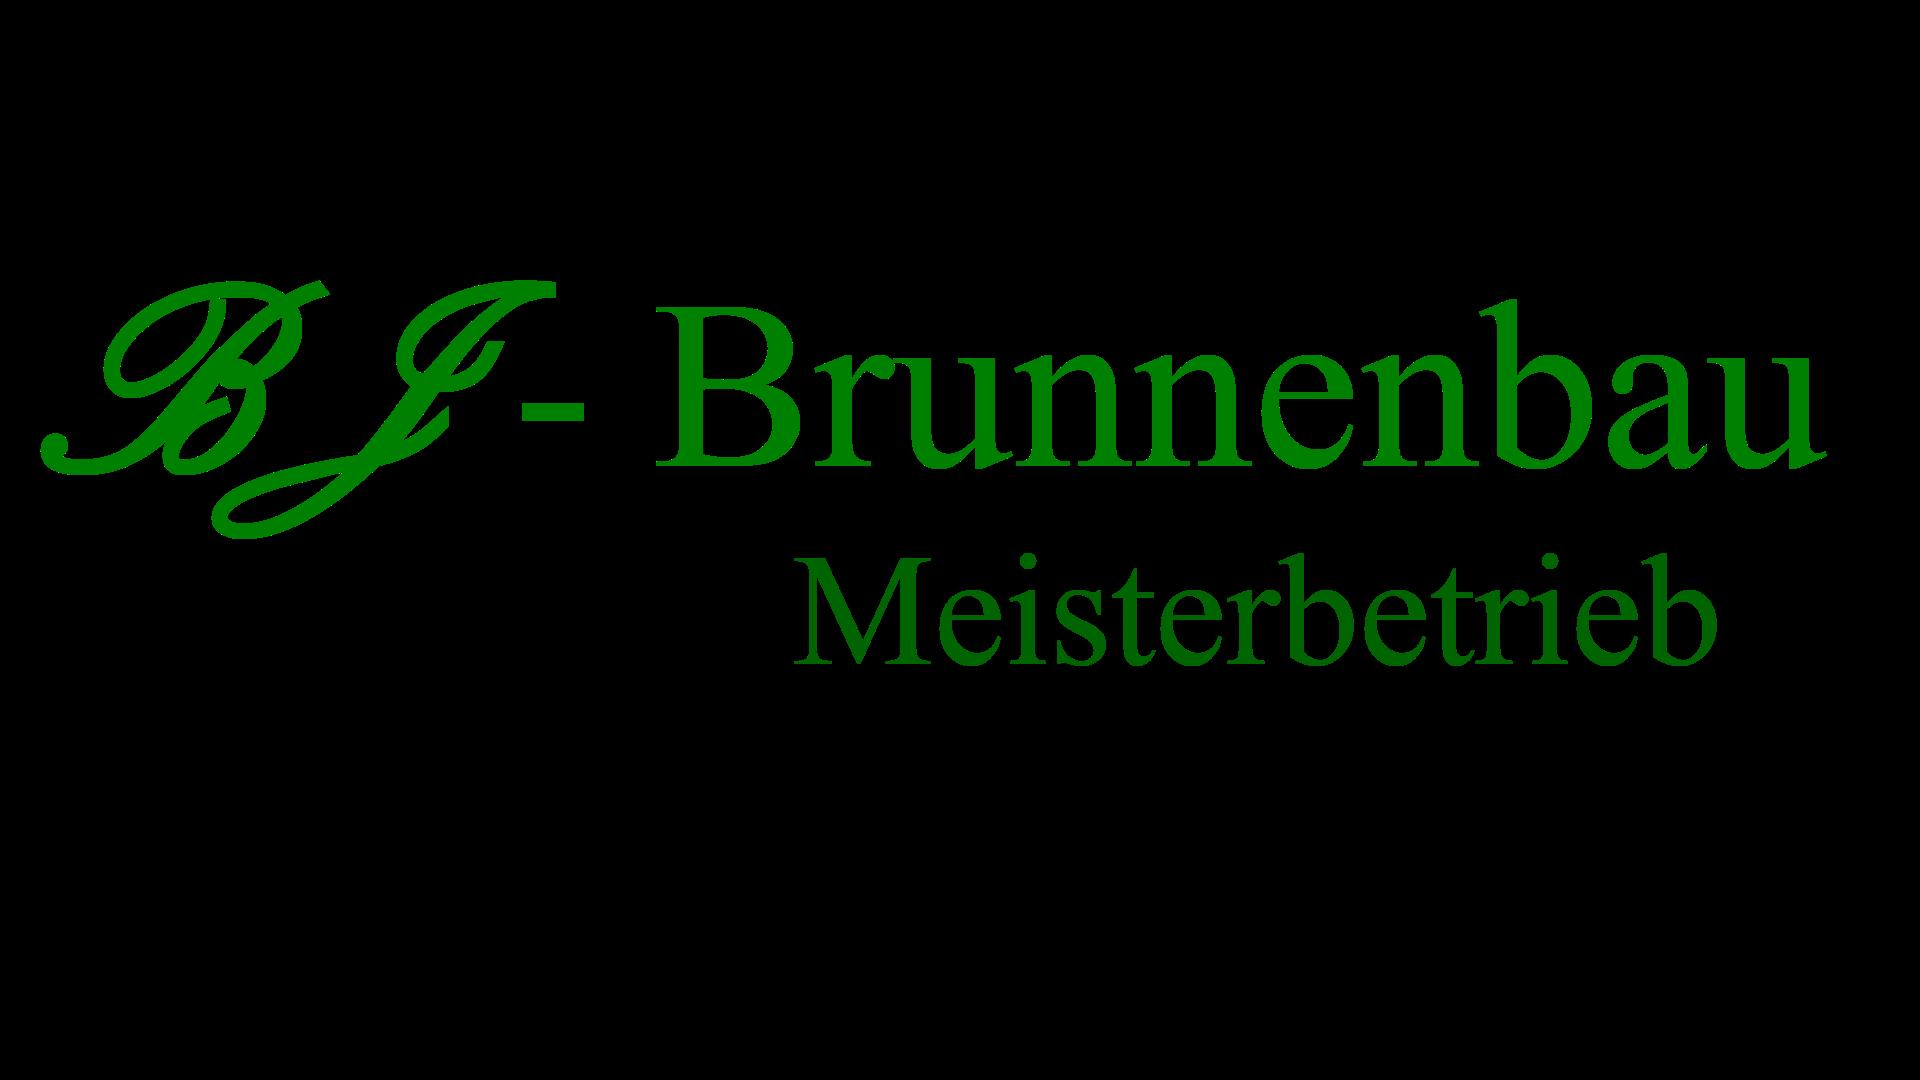 BJ-Brunnenbau